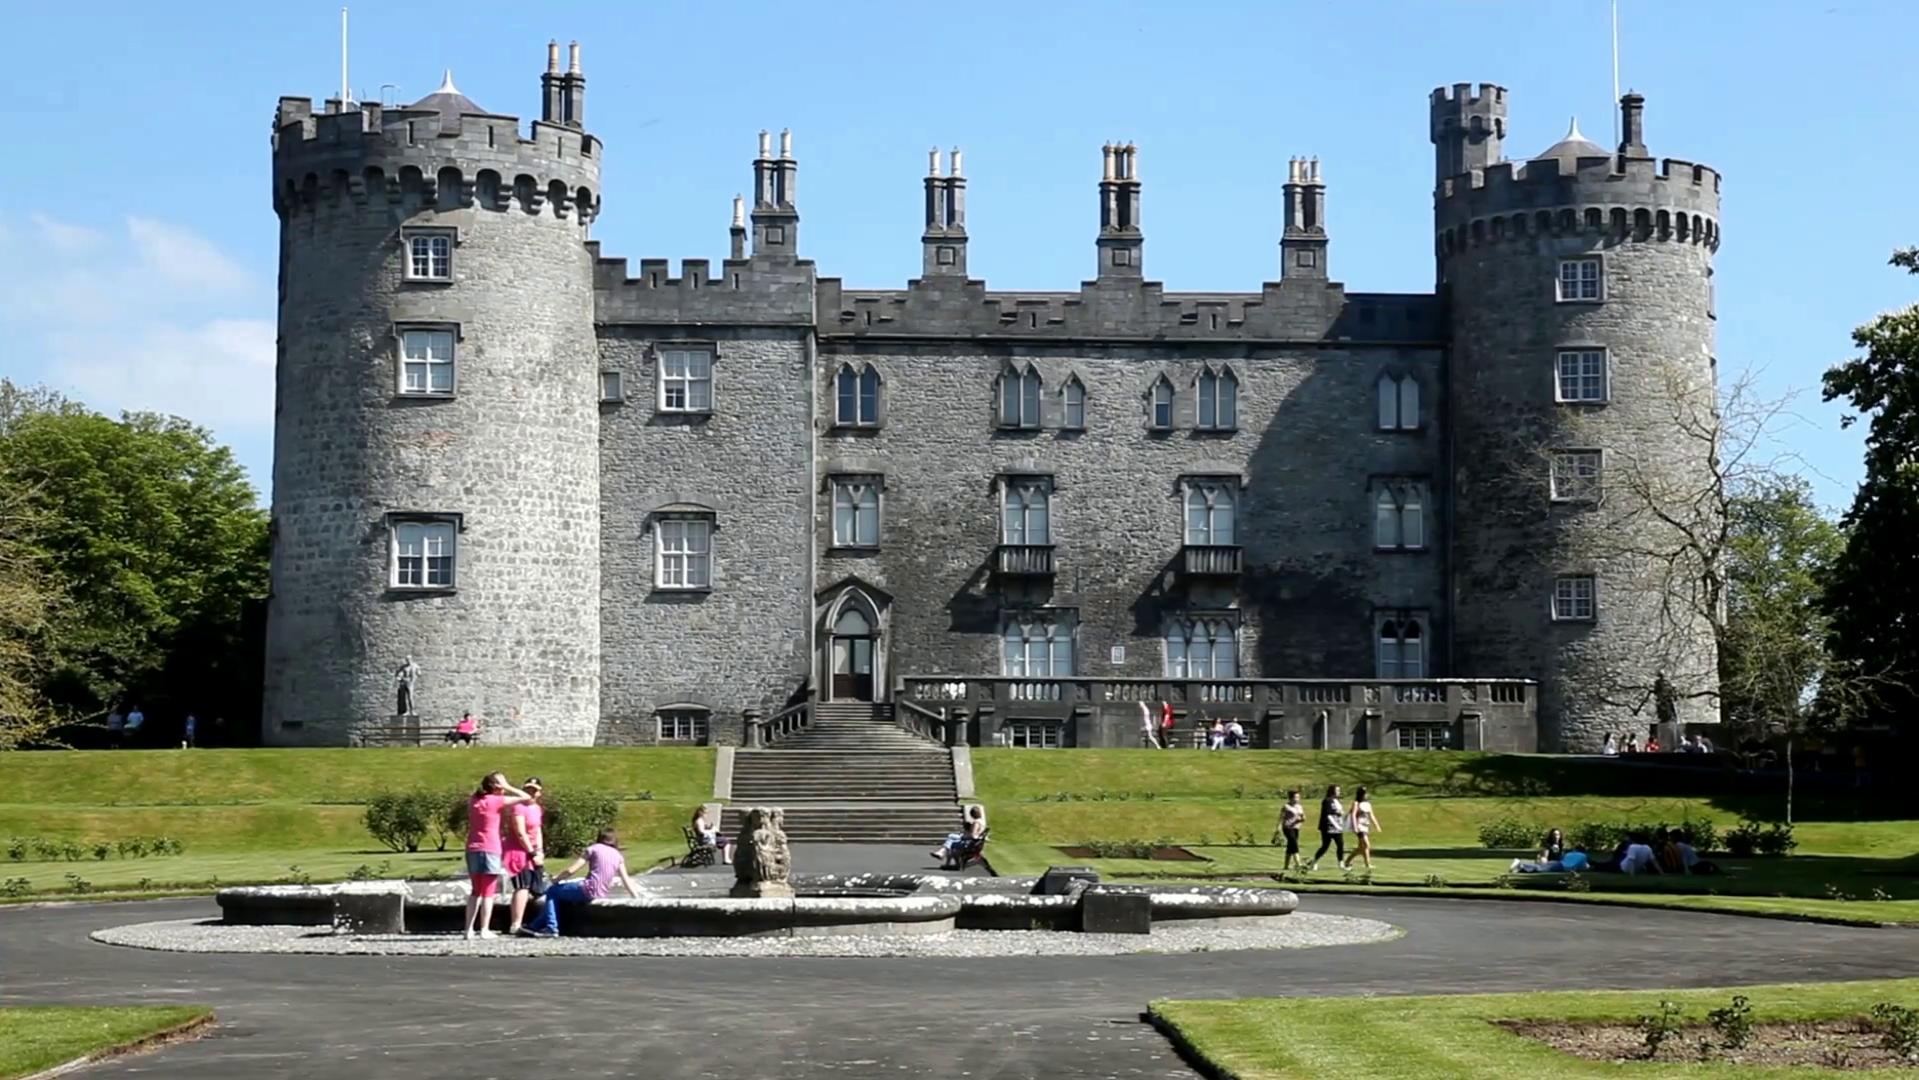 kilkenny-castle-ireland_hrimpzqlg_thumbn